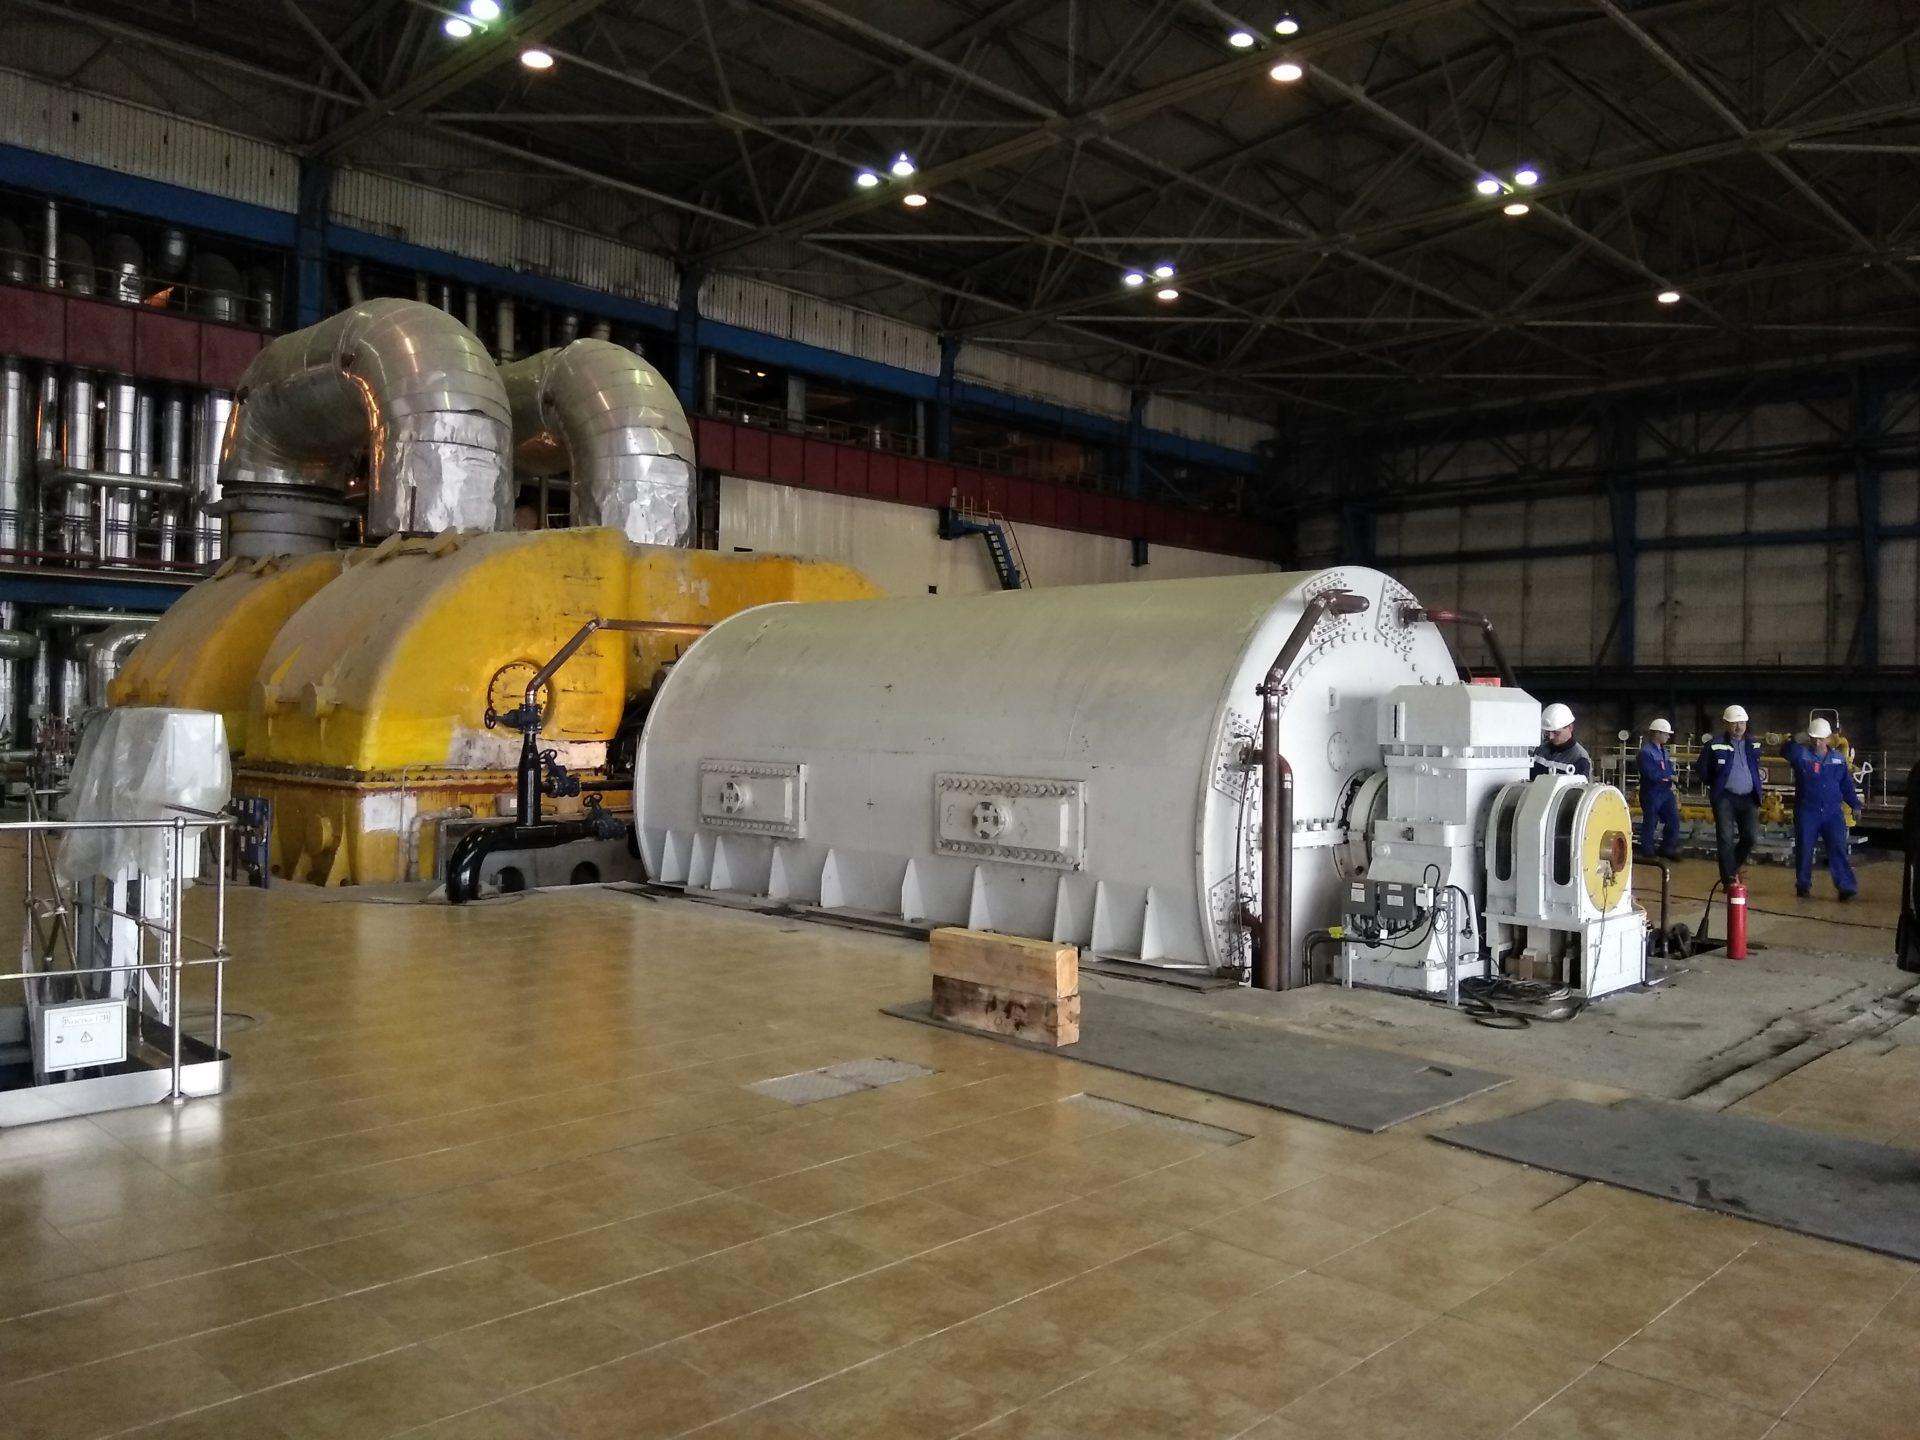 Завод ЭЛСИБ получил заключение о подтверждении производства  промышленной продукции на территории РФ